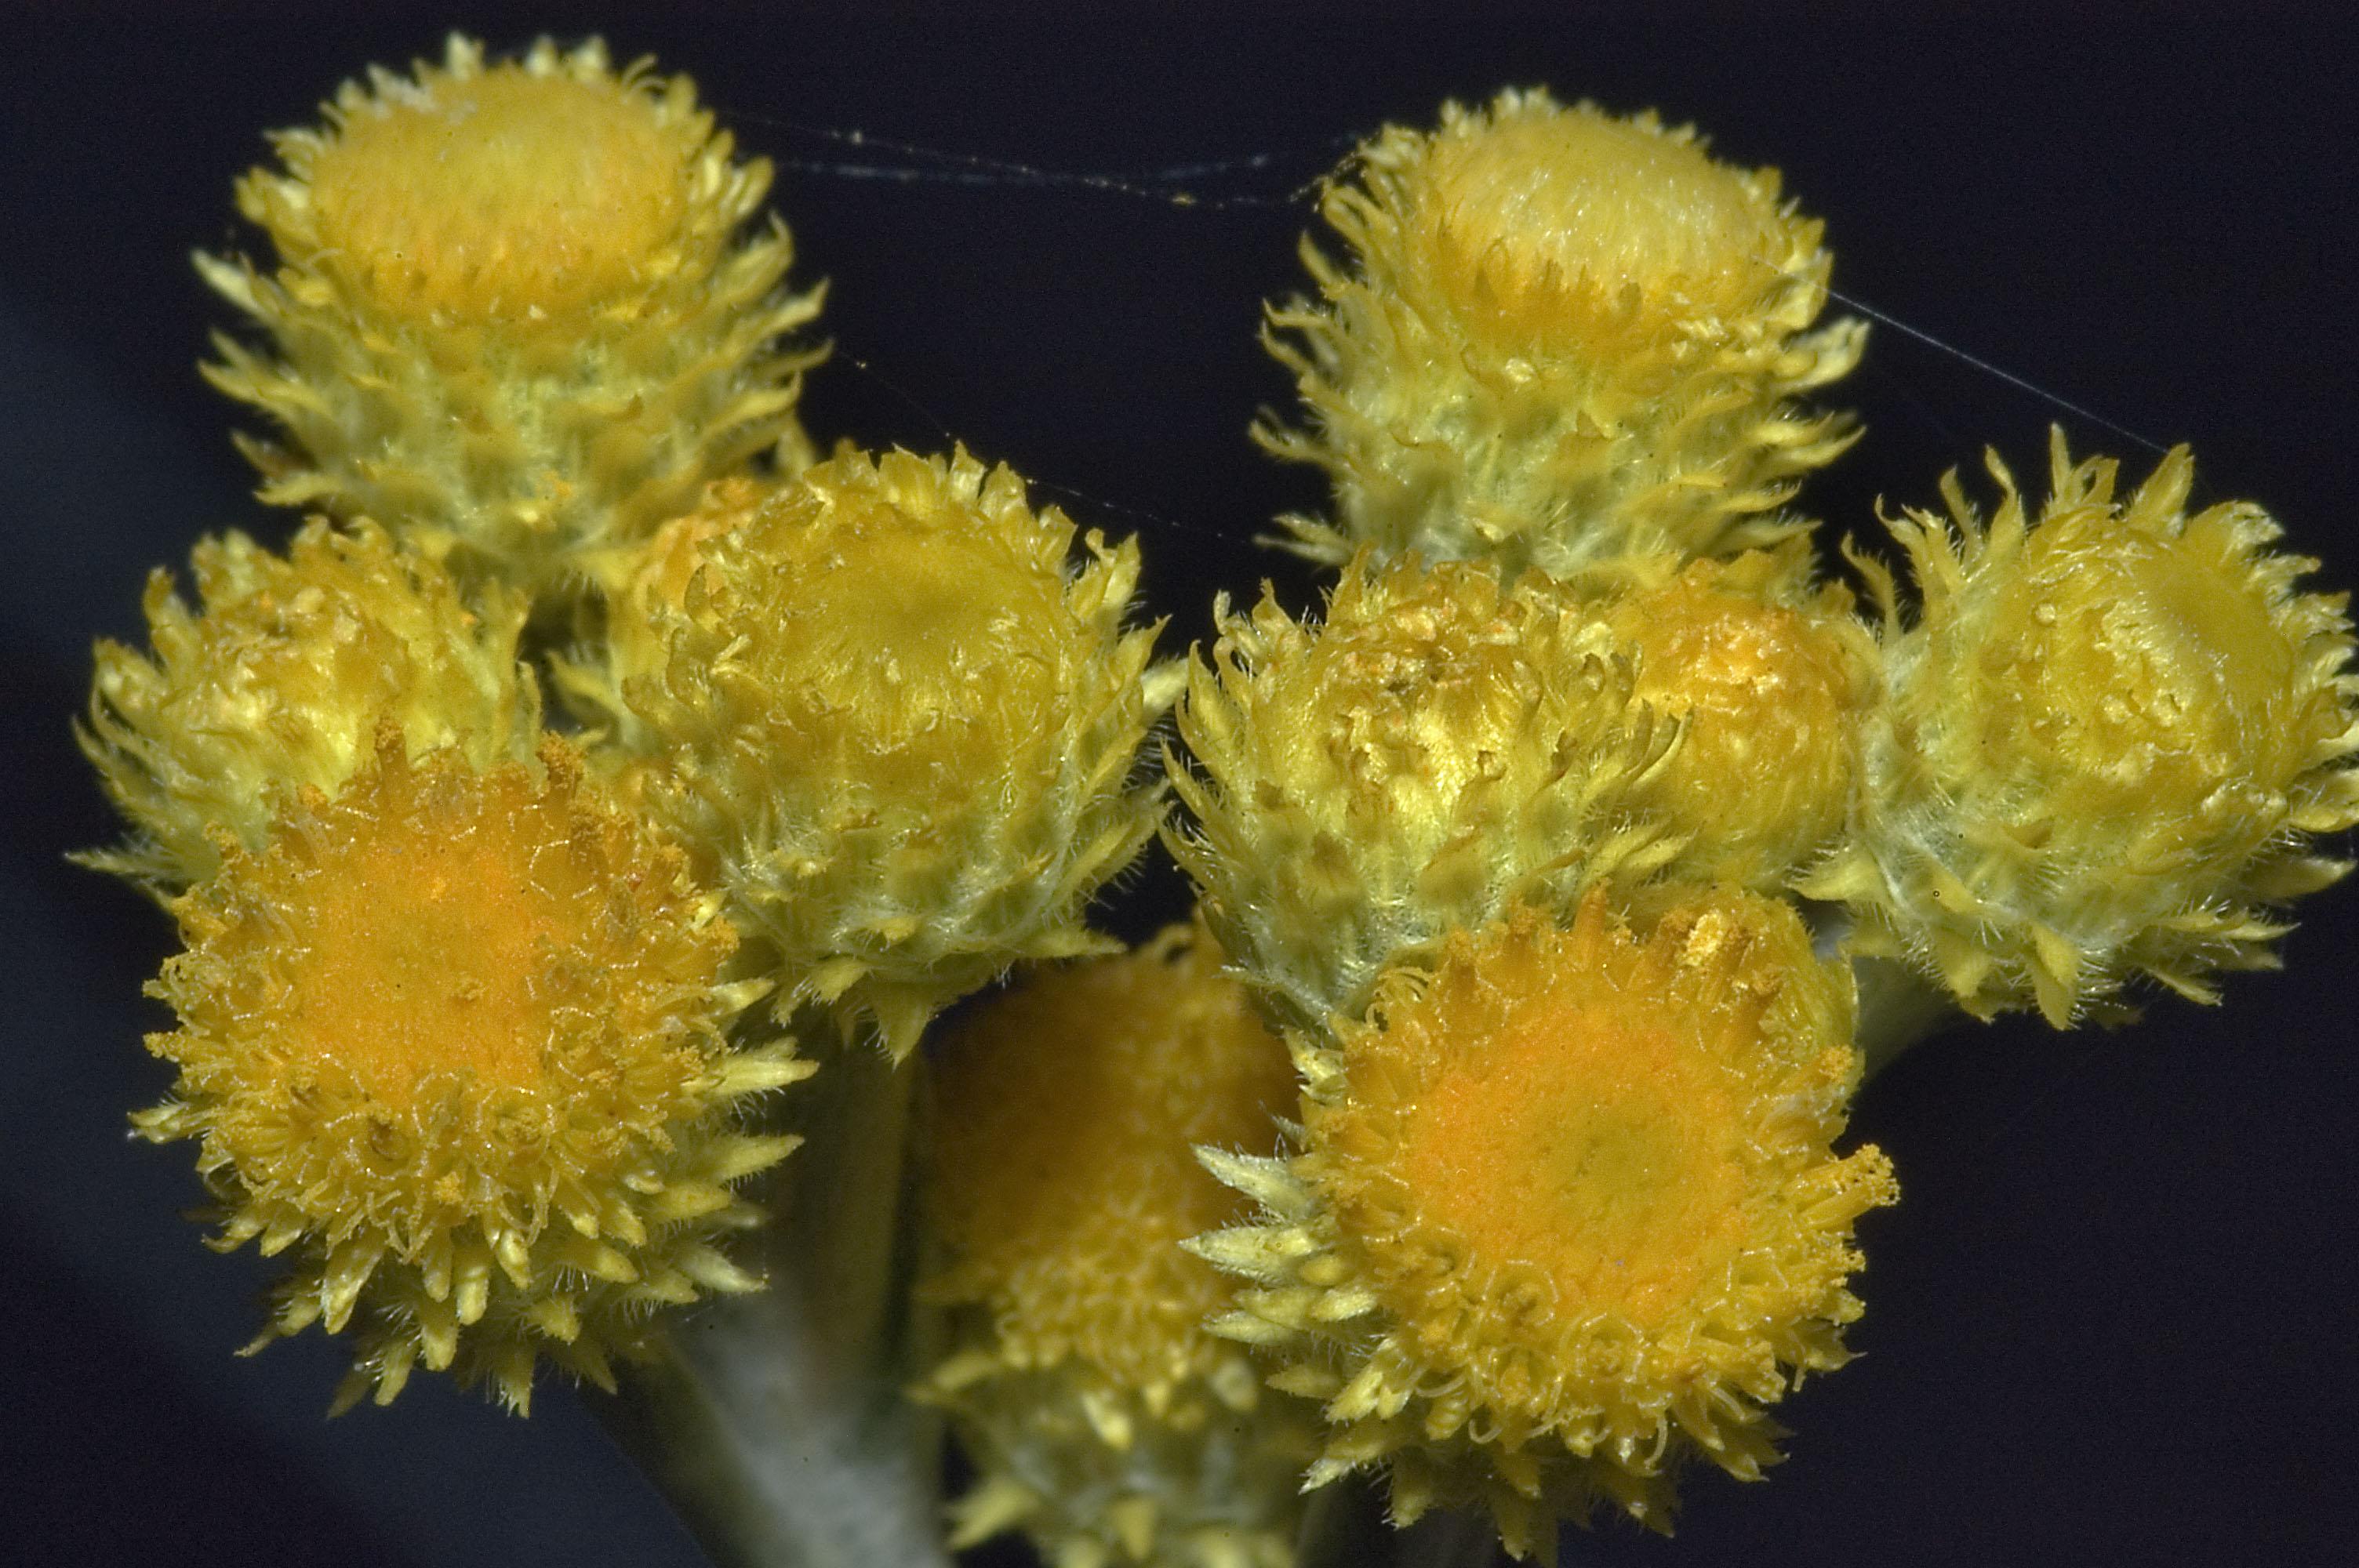 Photo 679 23 Small Yellow Flowers Of Helichrysum Italicum